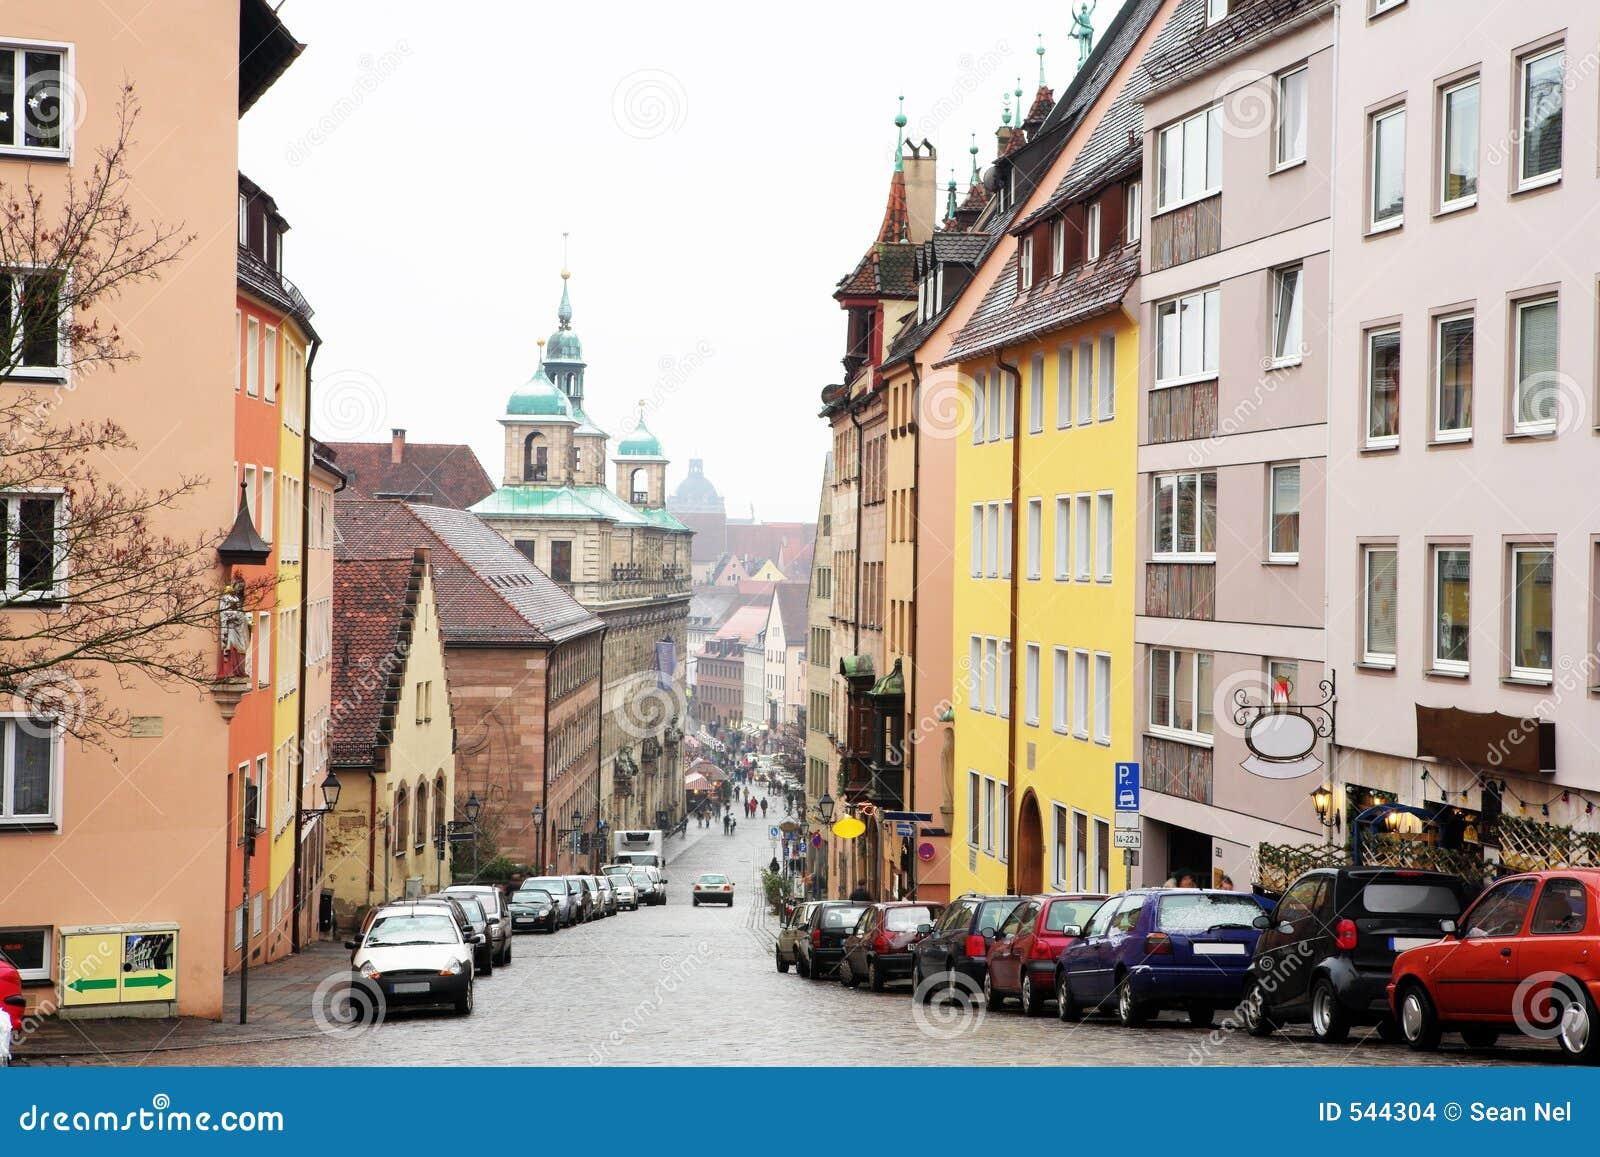 Download 57慕尼黑 库存照片. 图片 包括有 移动, 汽车, 布琼布拉, 布哈拉, 不列塔尼的, 有薄雾, 路面, 驱动器 - 544304